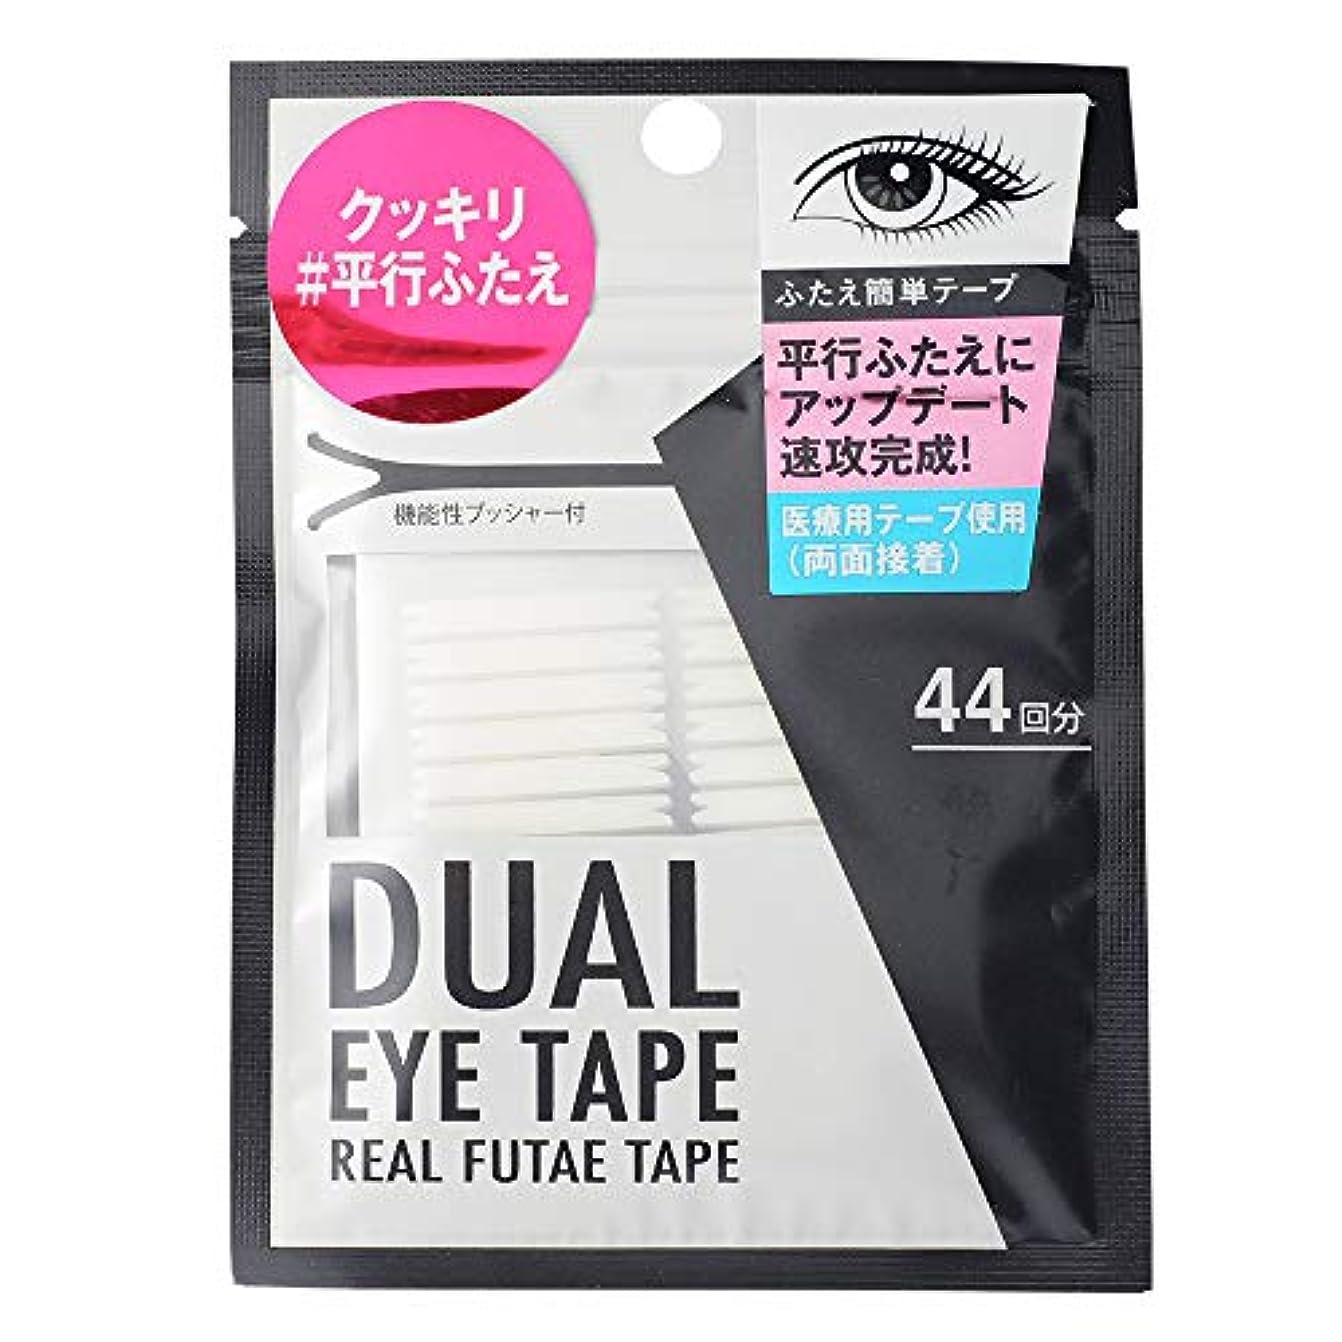 百万プレゼンターチップデュアルアイテープ (平行ふたえ両面接着テープ) (44回分)